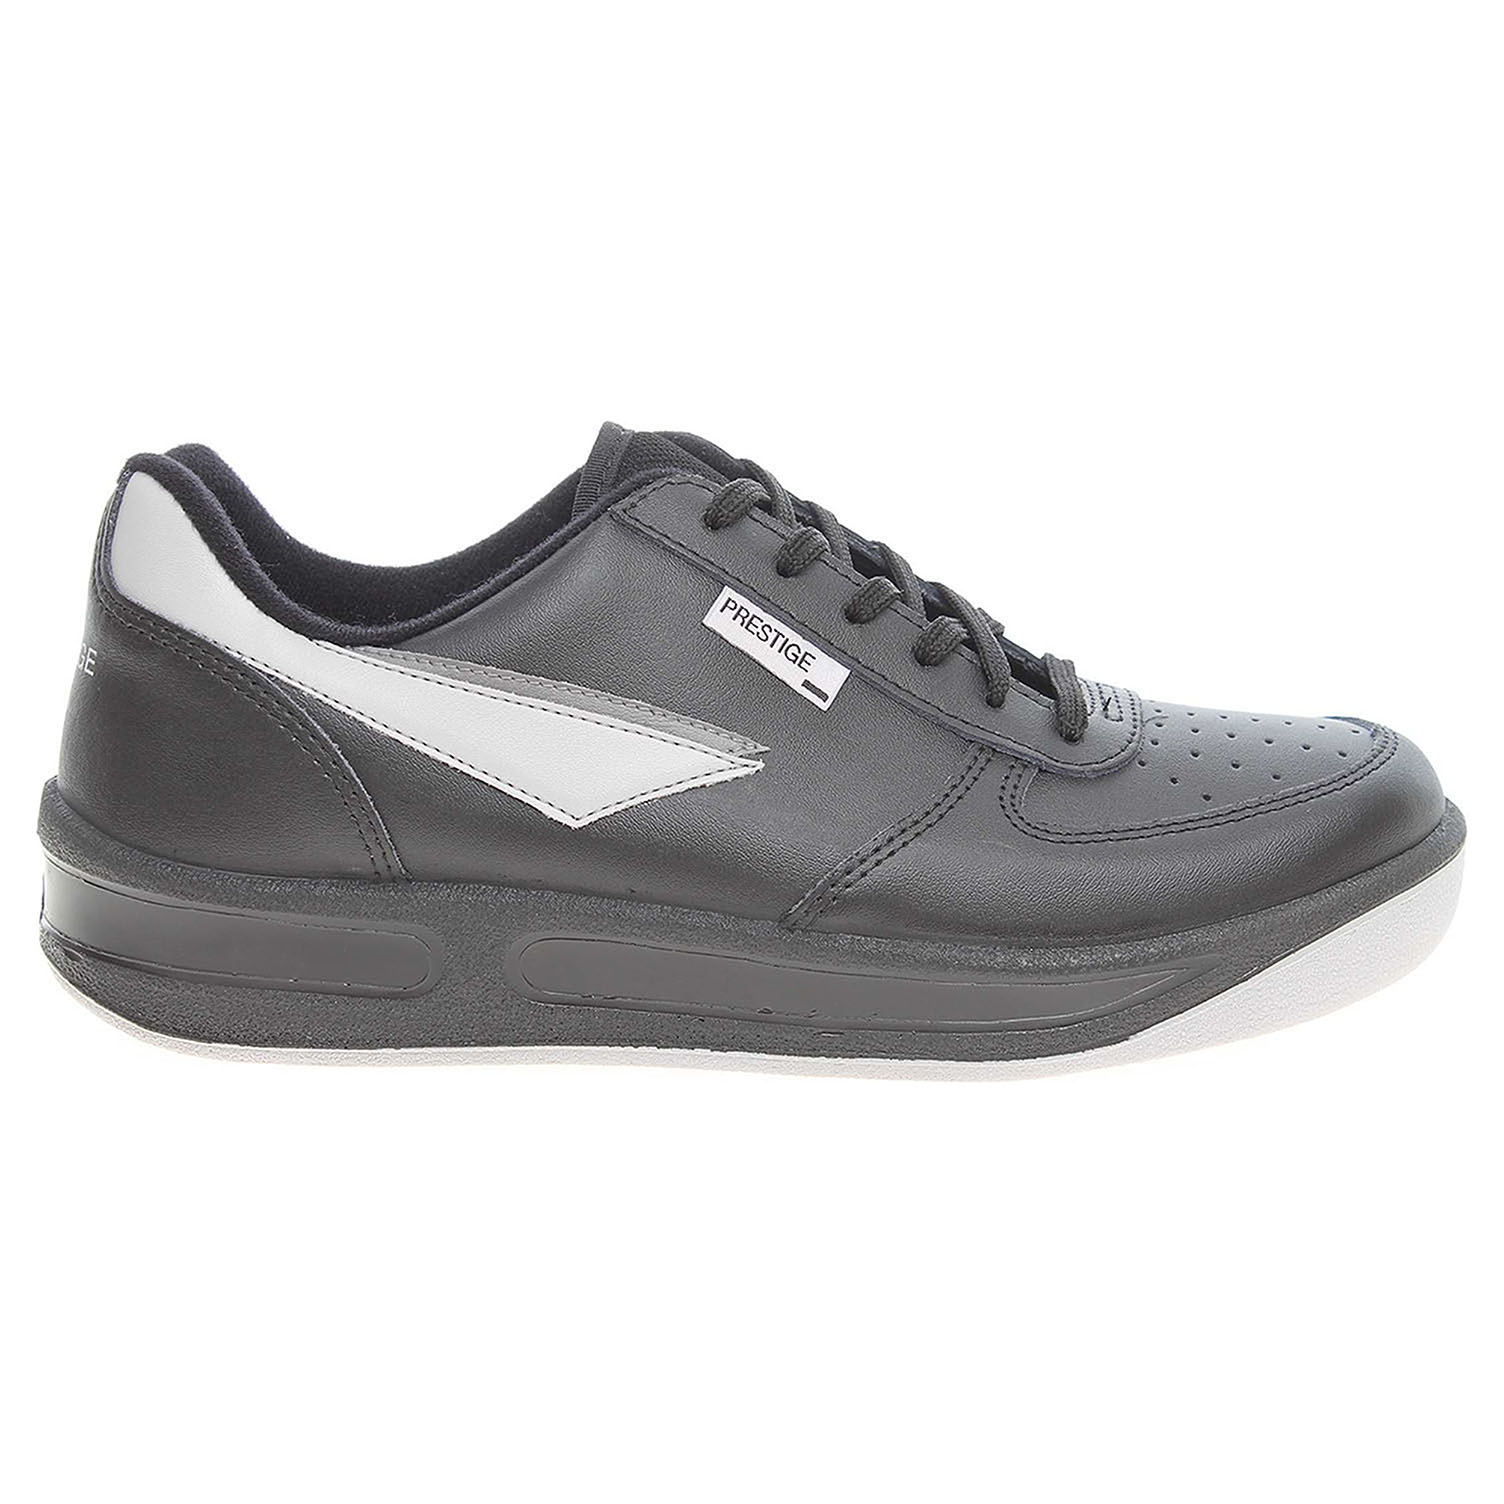 Prestige pánská obuv 86808-60 černá 86808-60 černá 47